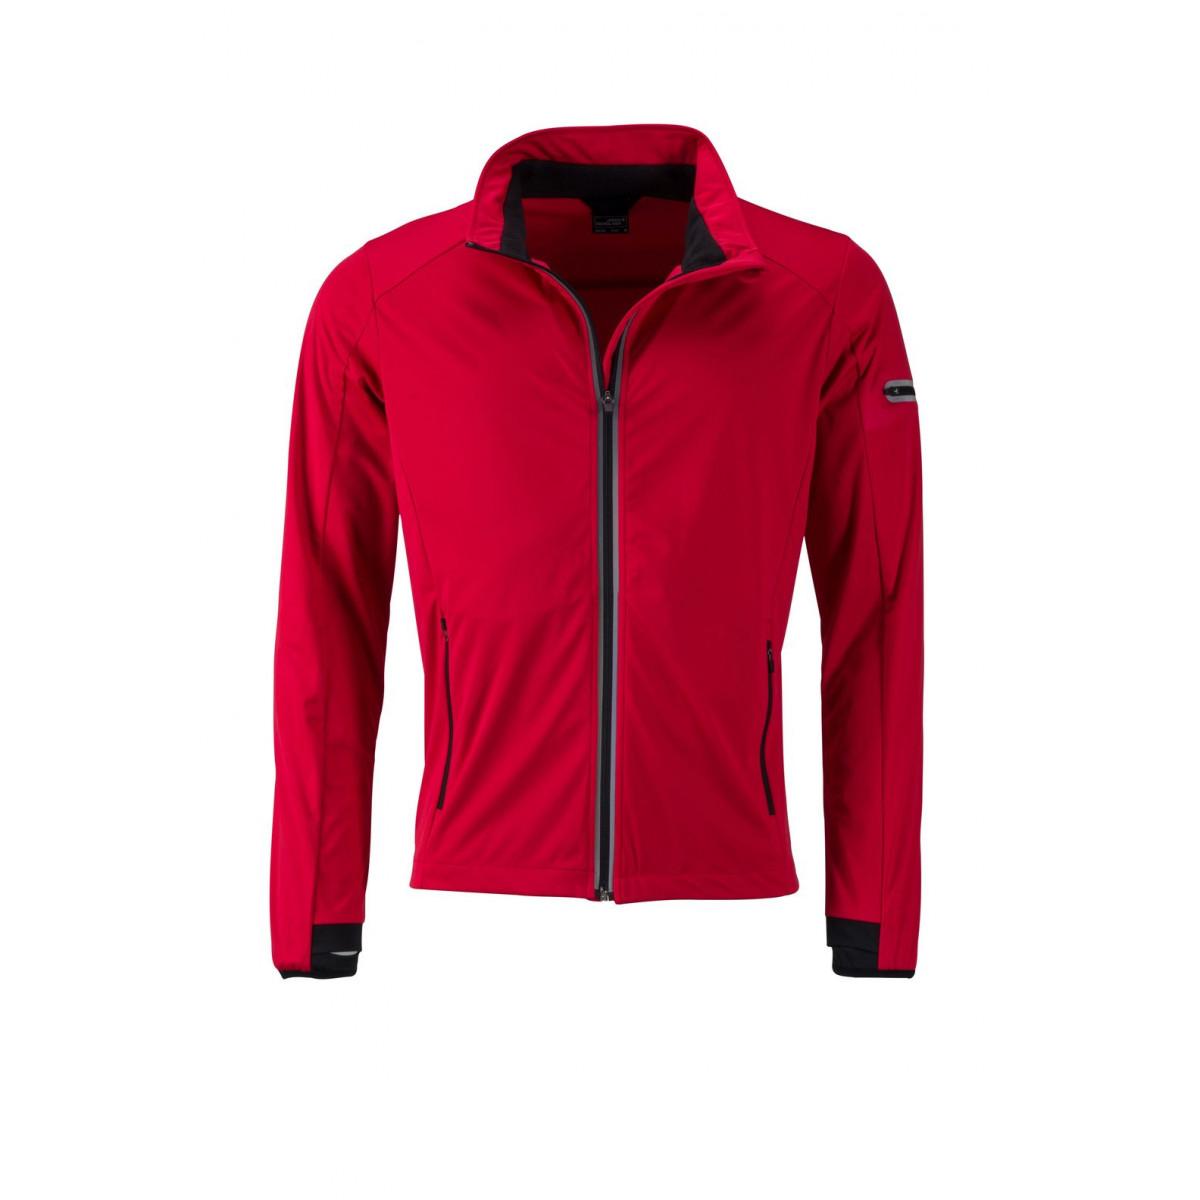 Куртка мужская JN1126 Mens Sports Softshell Jacket - Светло-красный/Черный